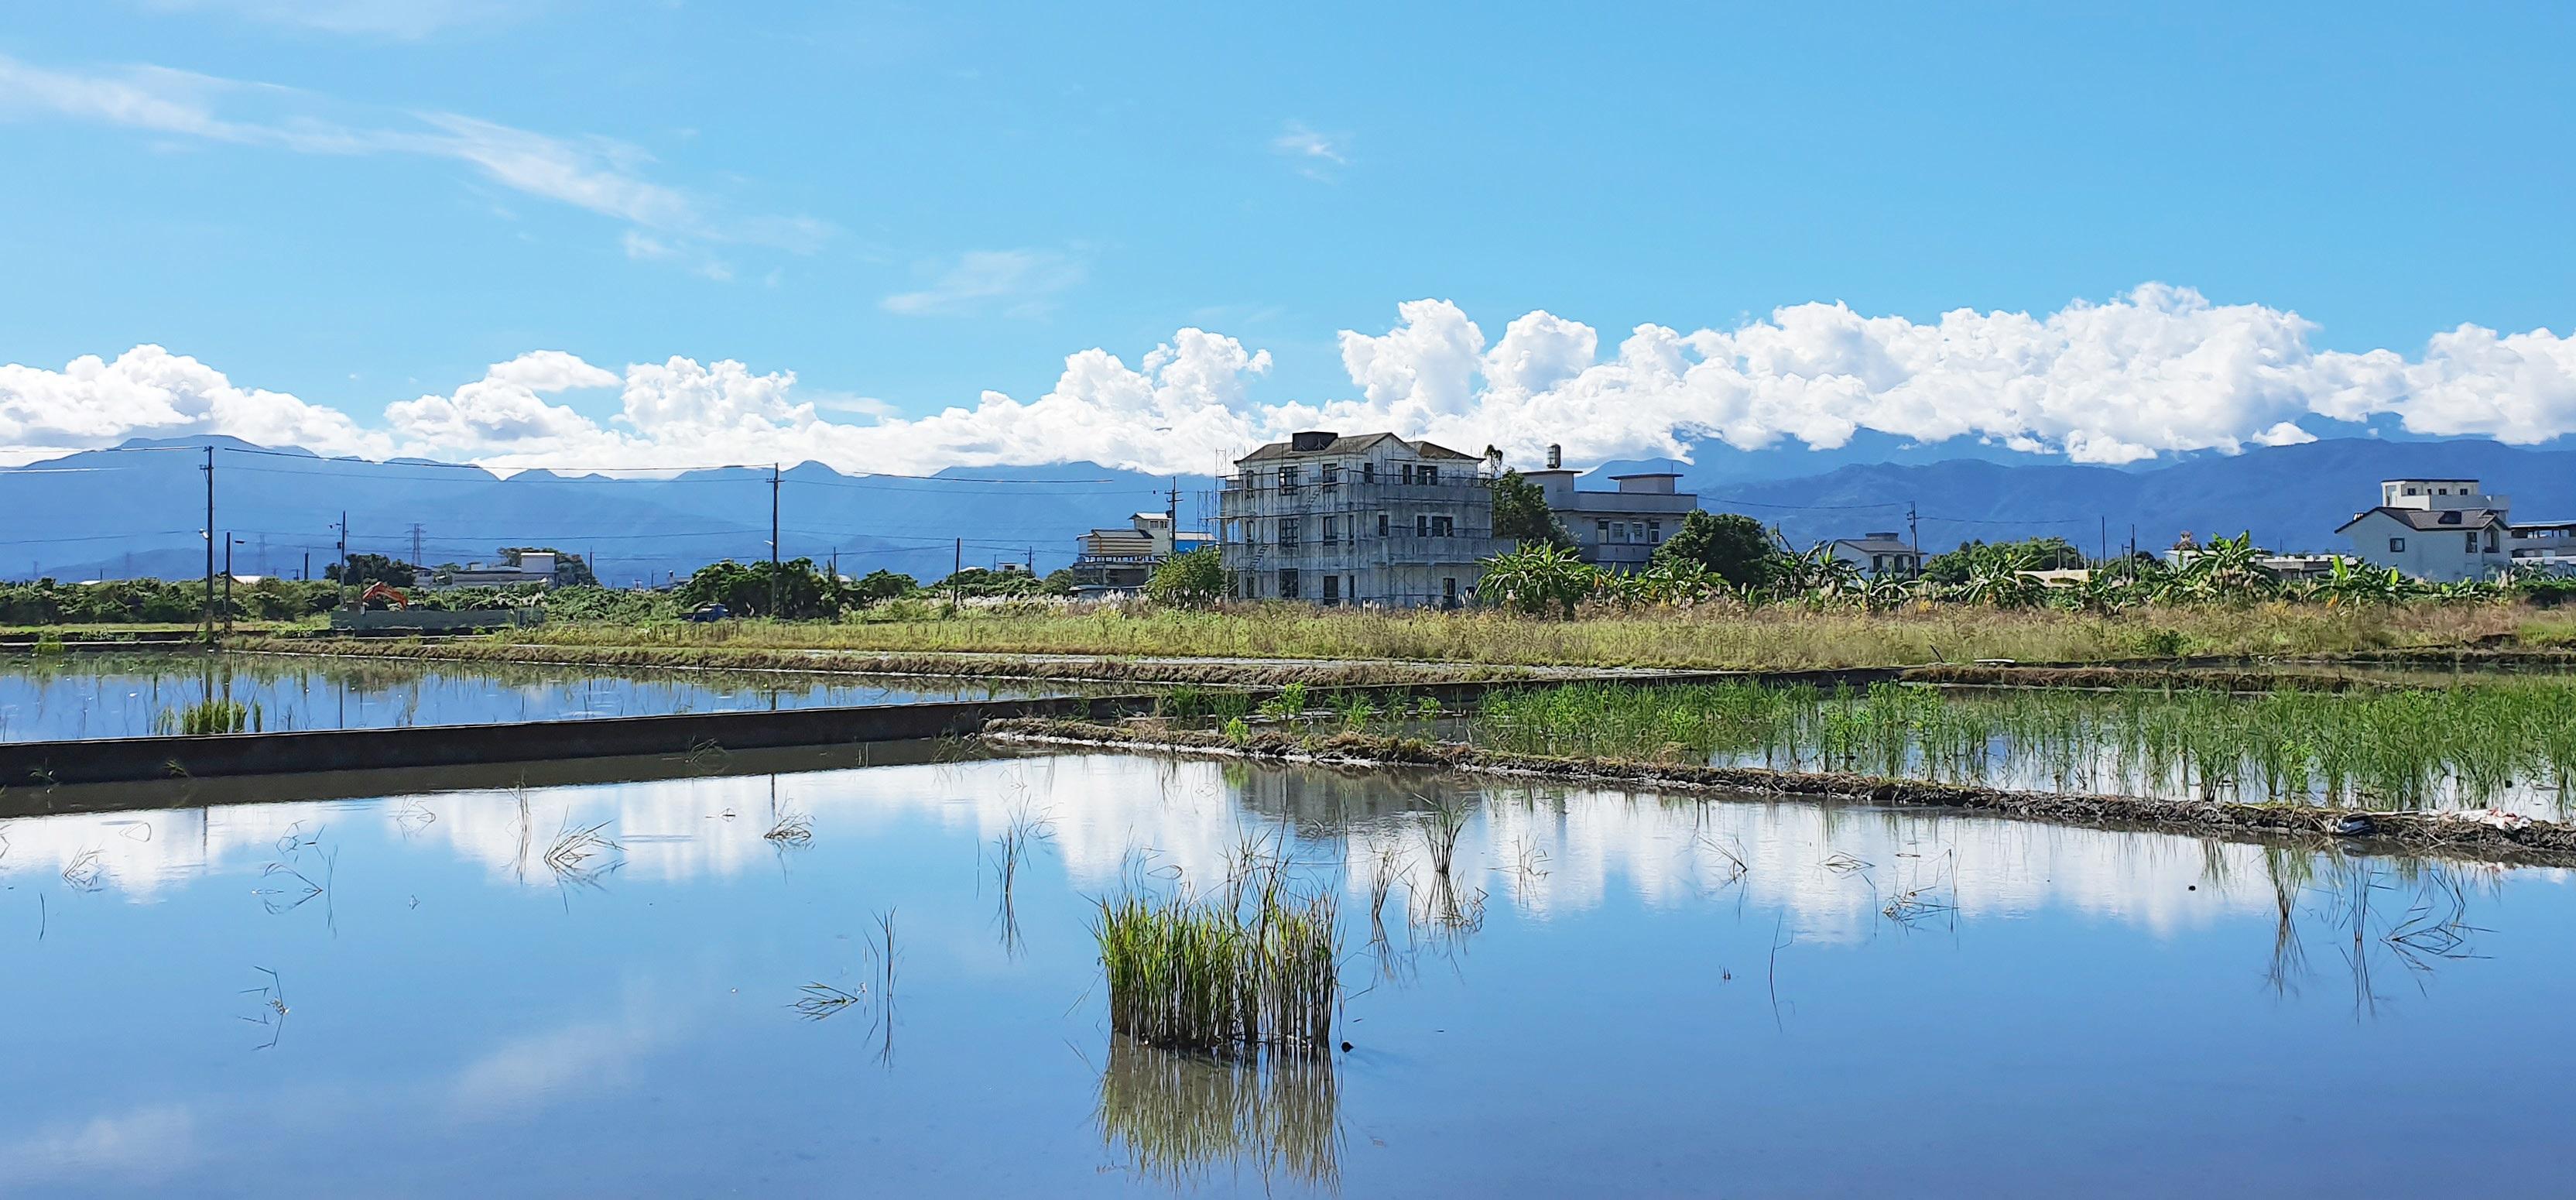 대만 션꺼우 마을 양백갑 프로젝트는 마을과 지역, 도시로 공동체 의미를 확장한다.